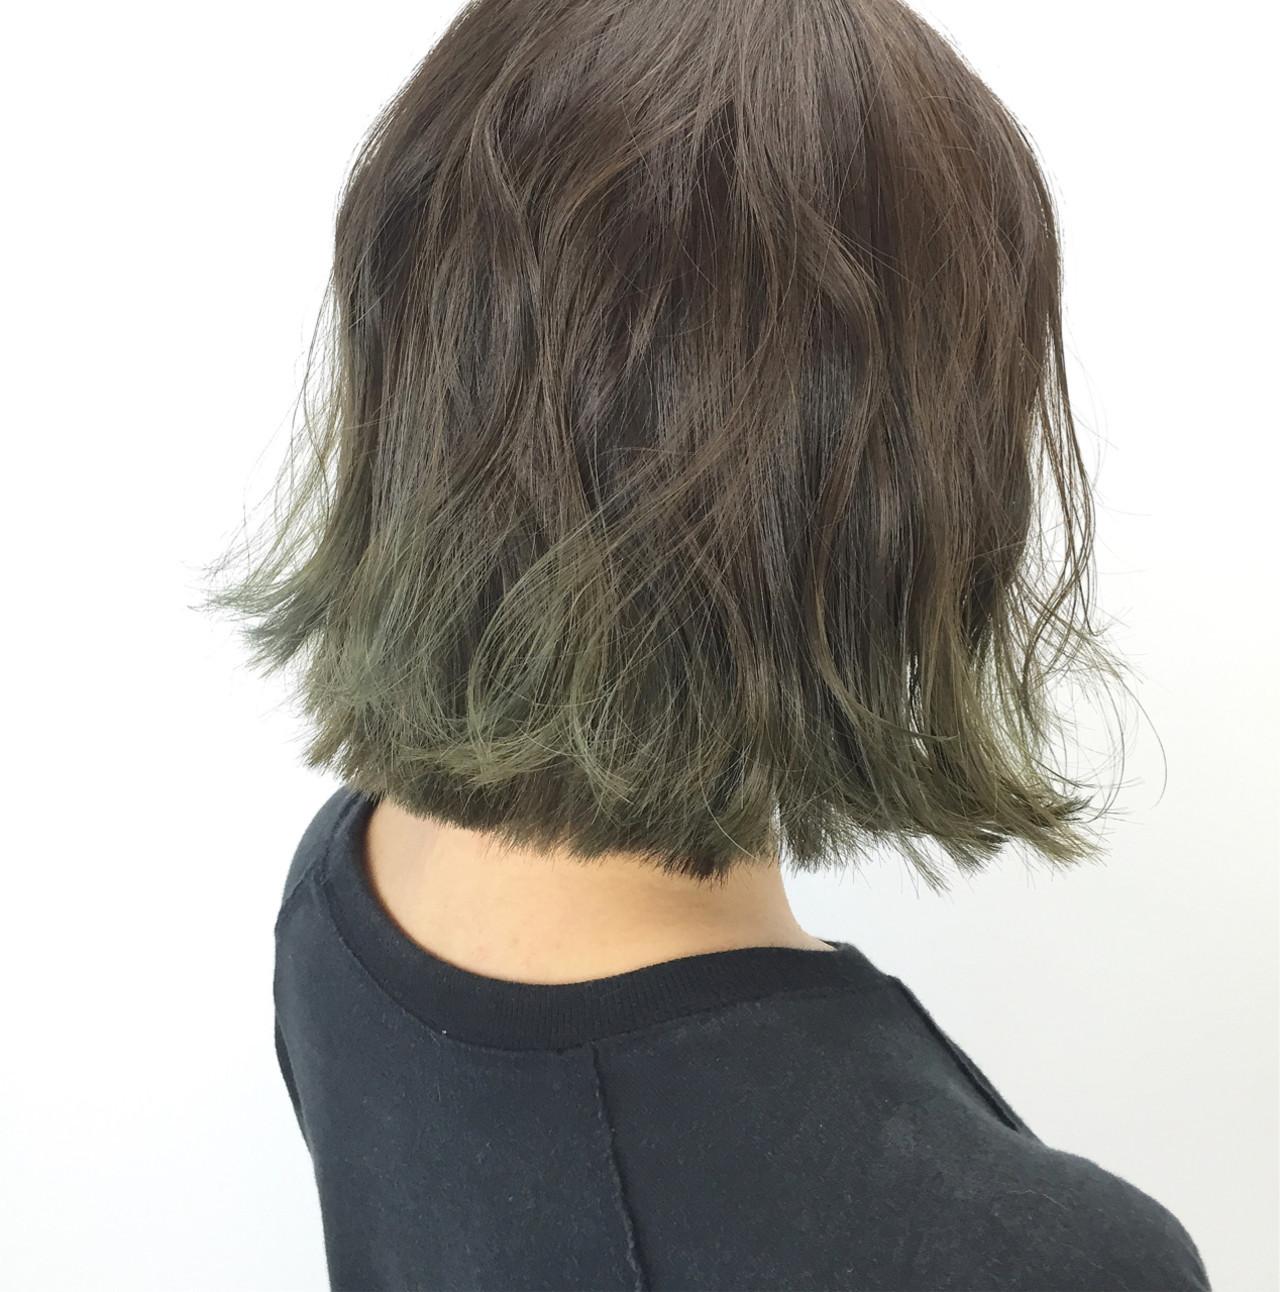 外ハネ オリーブアッシュ ストリート ボブ ヘアスタイルや髪型の写真・画像